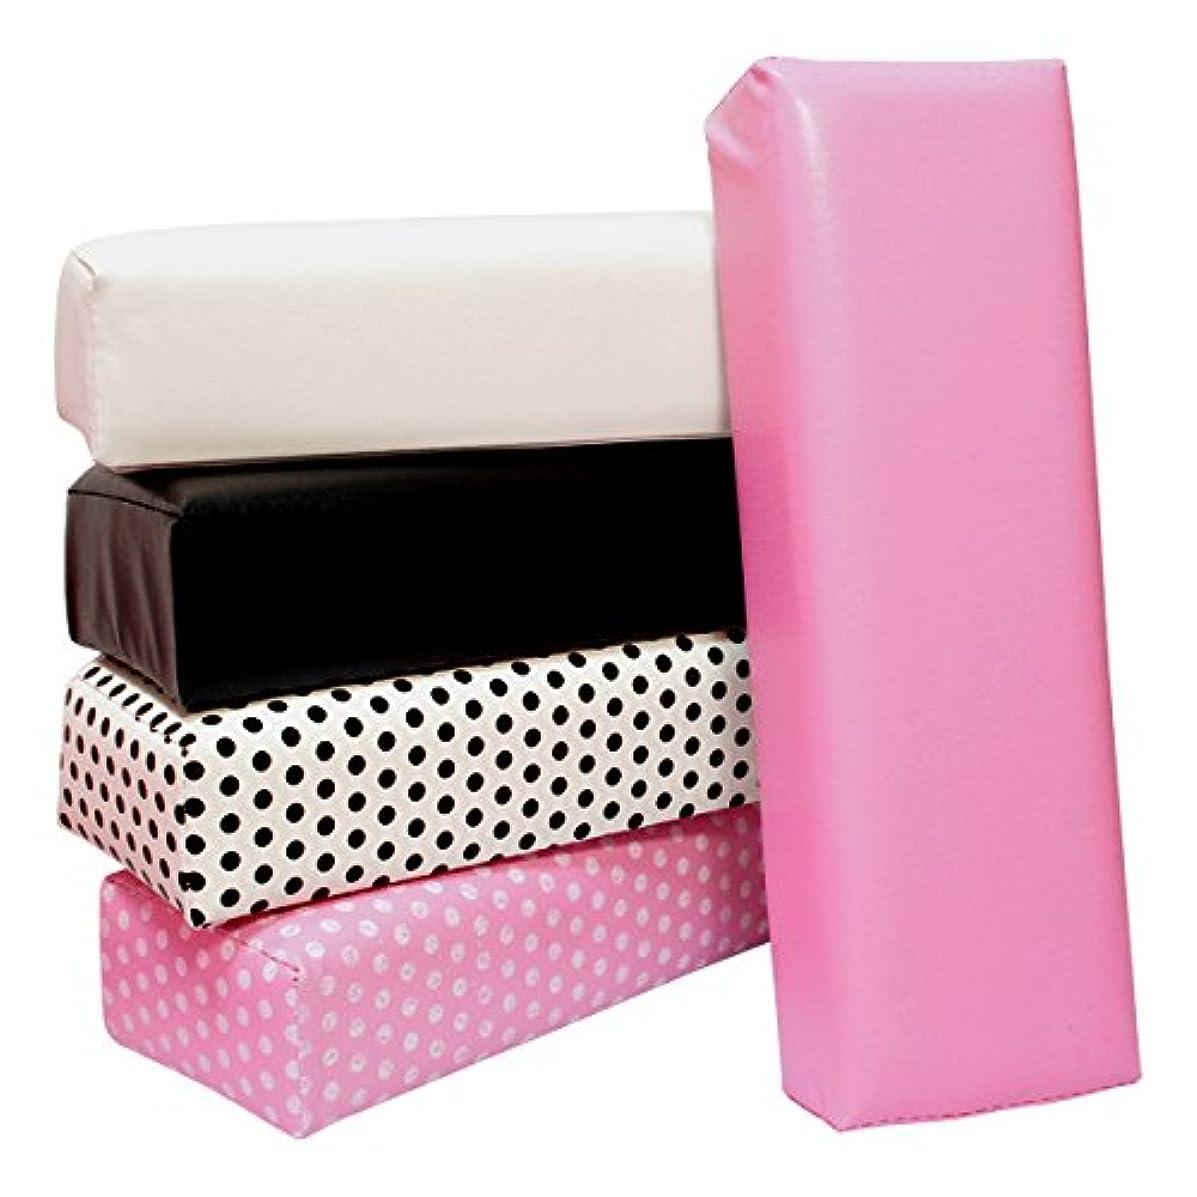 去るブランド名ウガンダアームレスト ネイル用 手の枕ピンク ネイルアート ハンドピロー ジェルネイルまくら 練習用にも